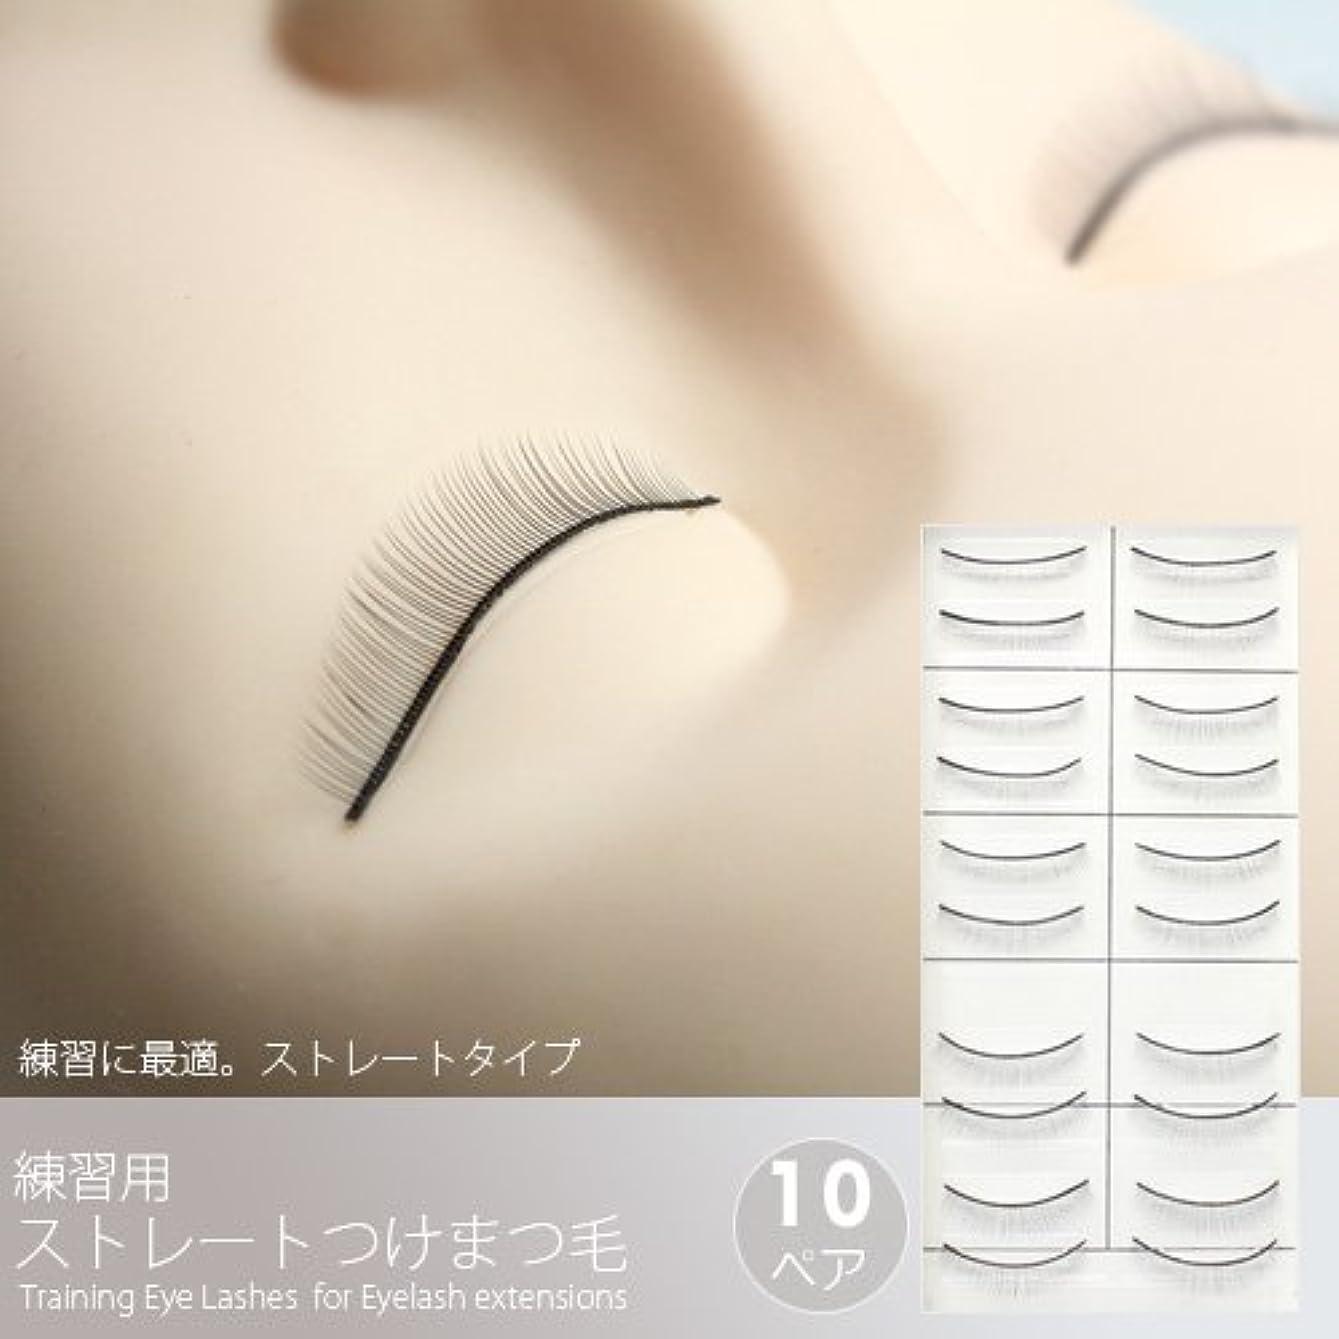 擬人化論理的に練習用ストレートつけまつげ(10ペア)[Training Eye Lashes ]/まつ毛エクステ商材